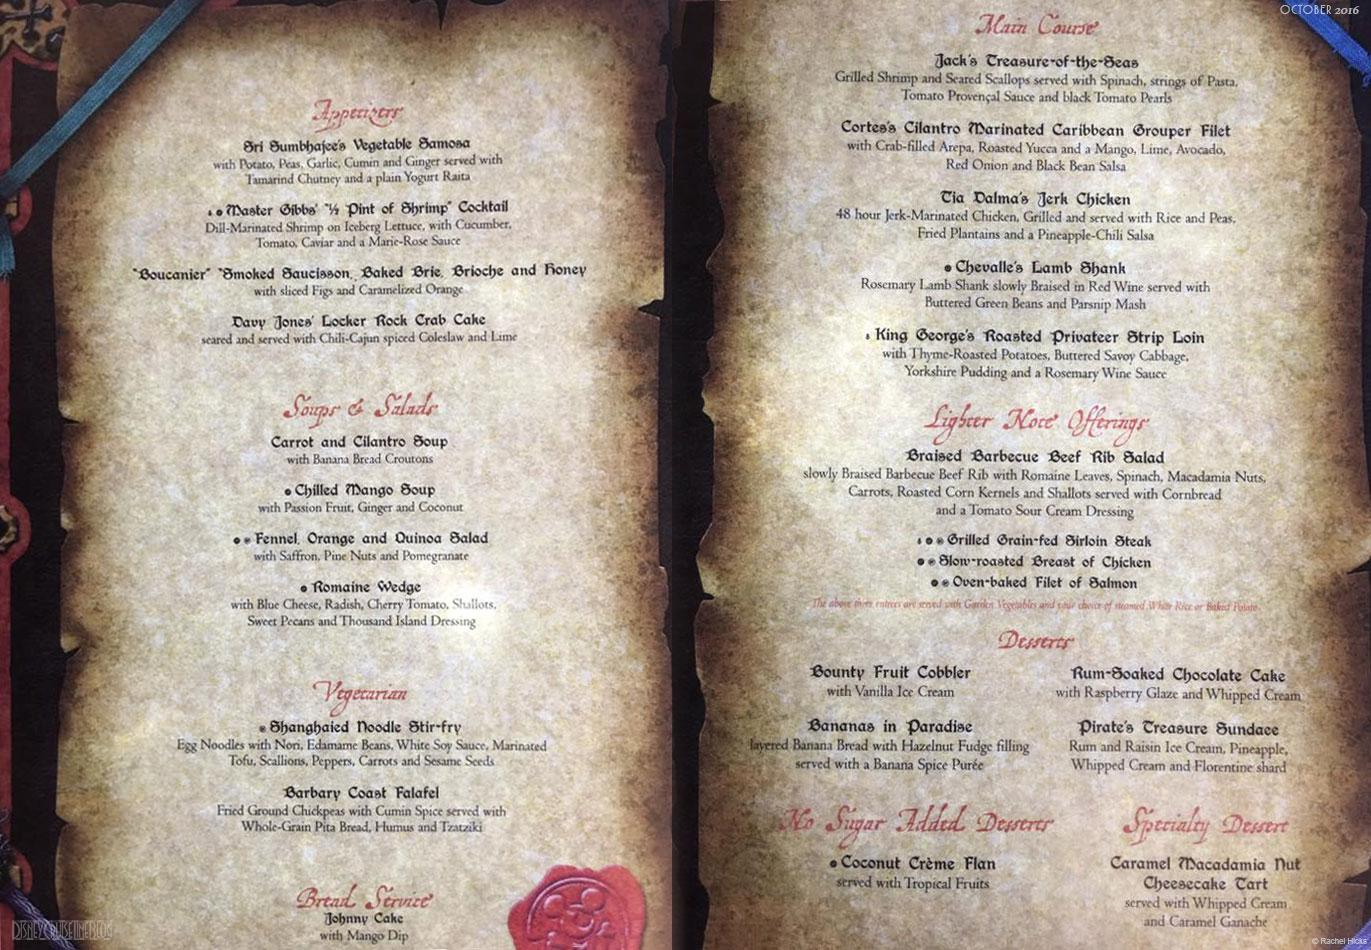 New pirates in the caribbean menu debuts fall 2016 the disney pirate menu b rachel hicks october 2016 sciox Images